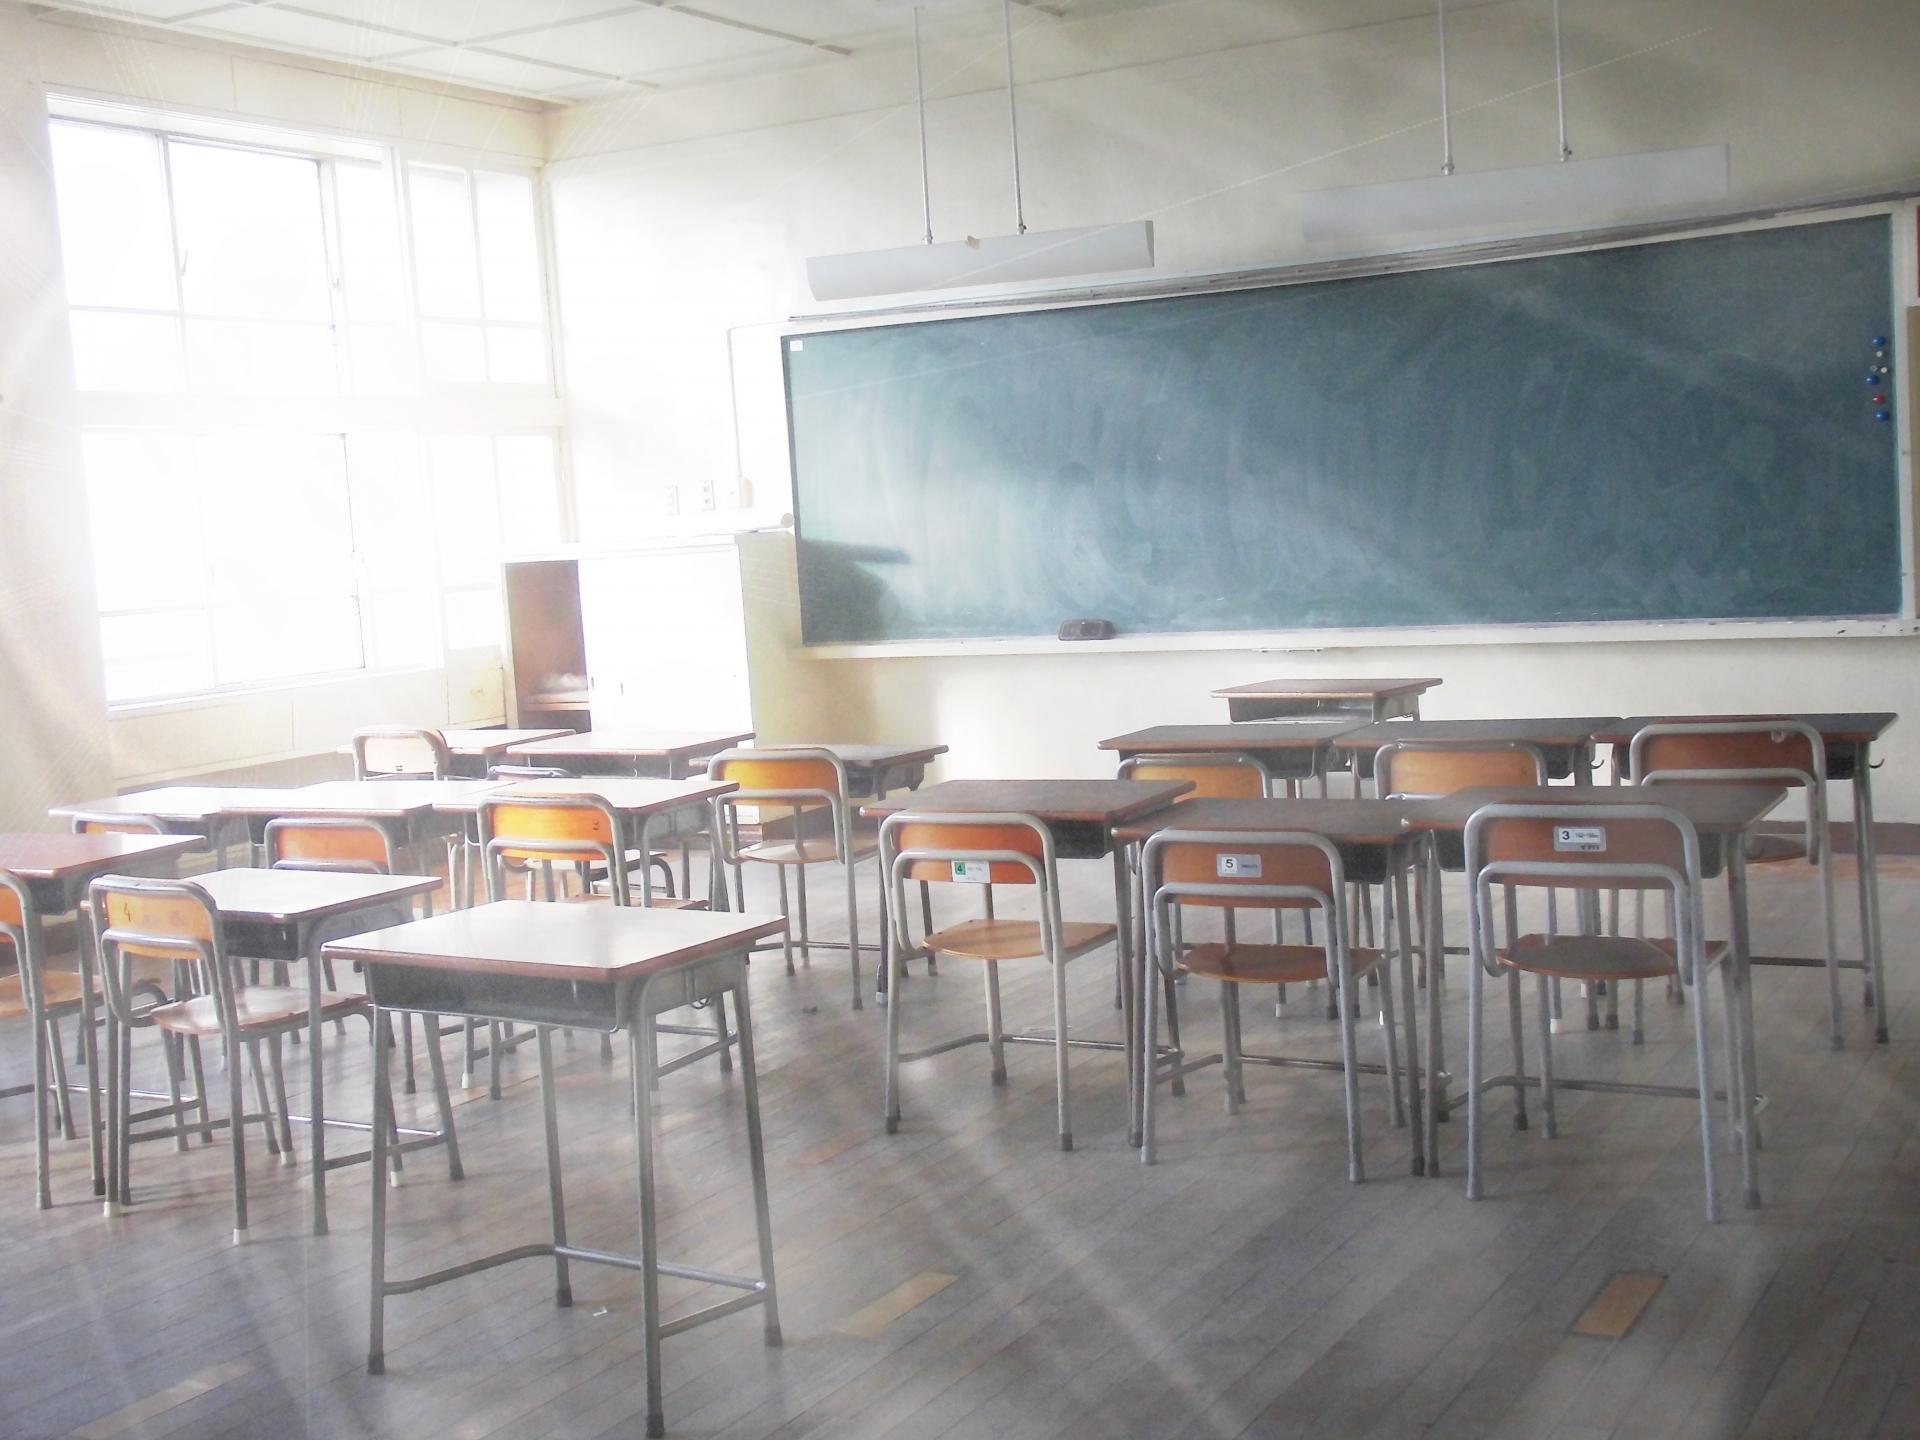 小学校のクラス替えで先生に希望やお願いをすると通るの?新年度も学校を楽しむ秘訣とは